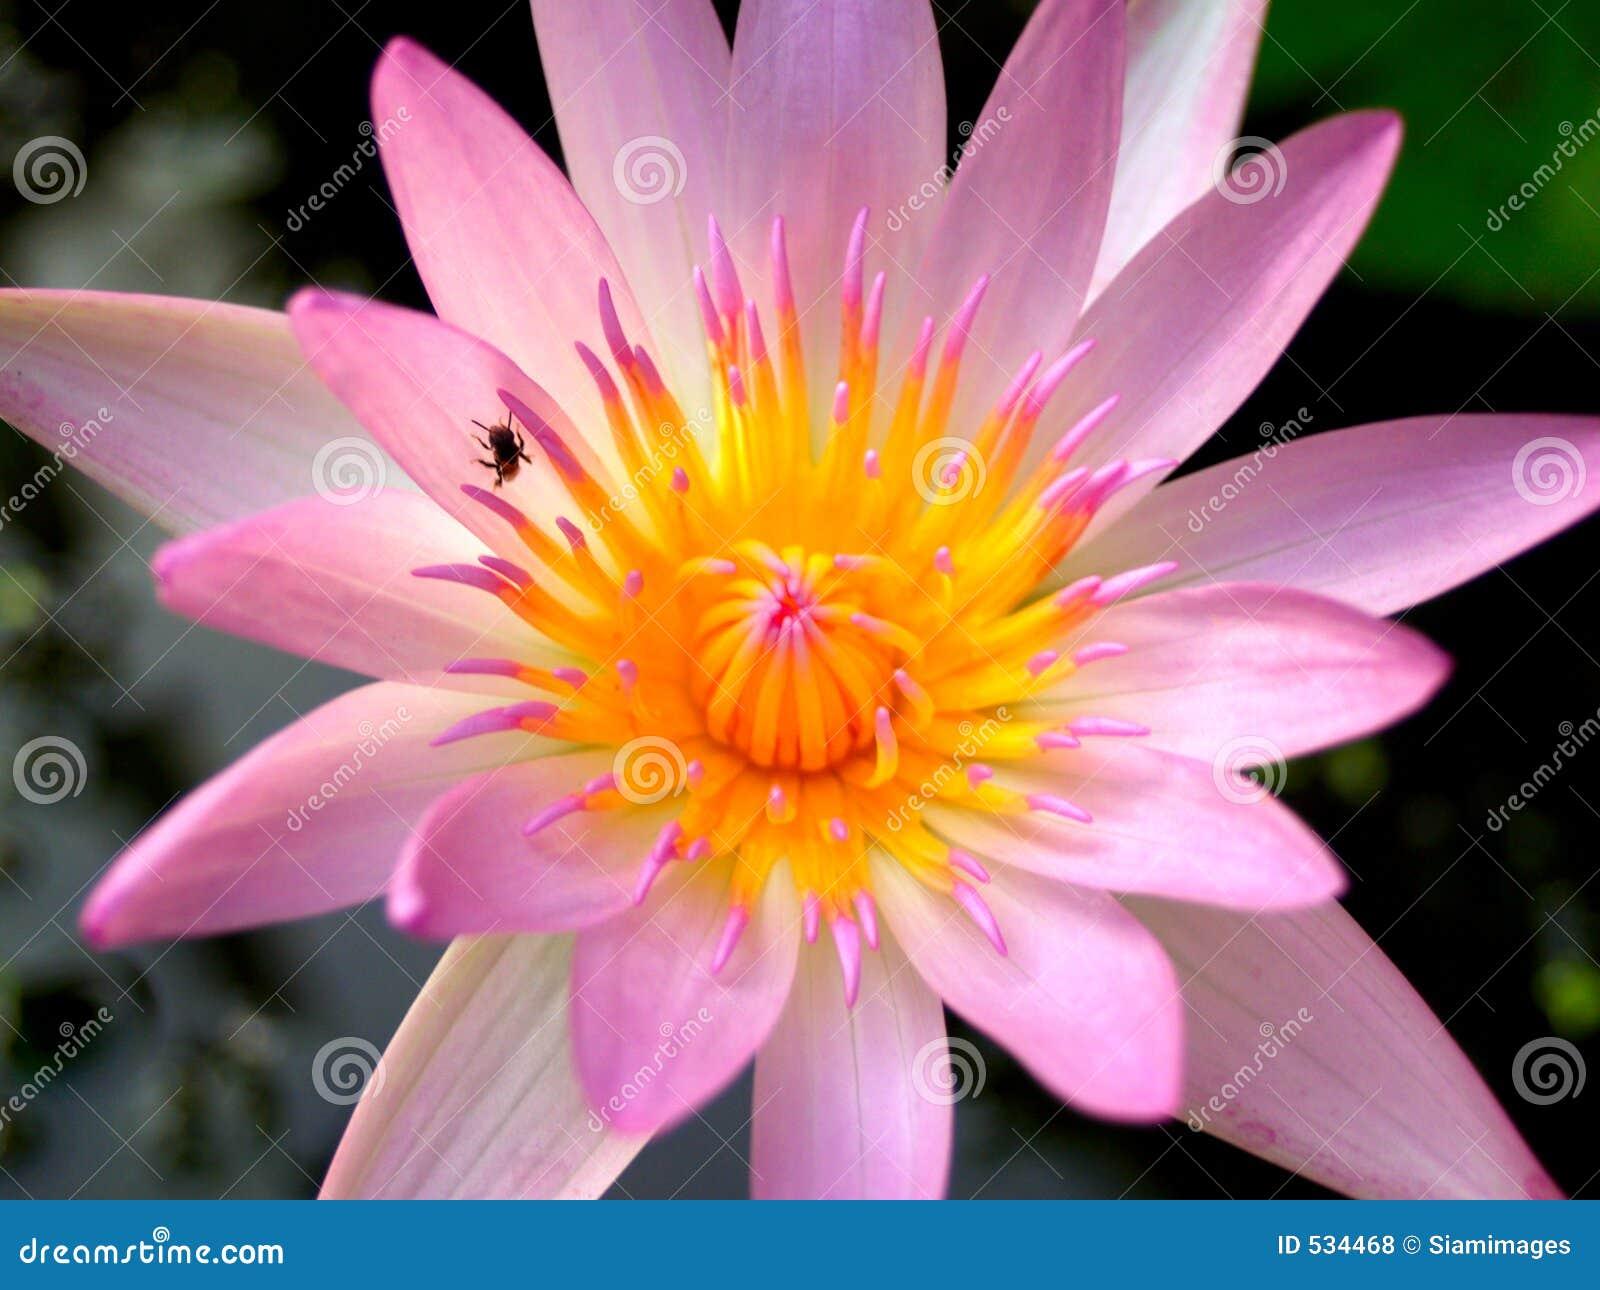 Download 01朵花莲花 库存照片. 图片 包括有 池塘, 丁香, 沼泽, 醉汉, 玻色子, 粉红色, 绿色, 热带, 莲花 - 534468